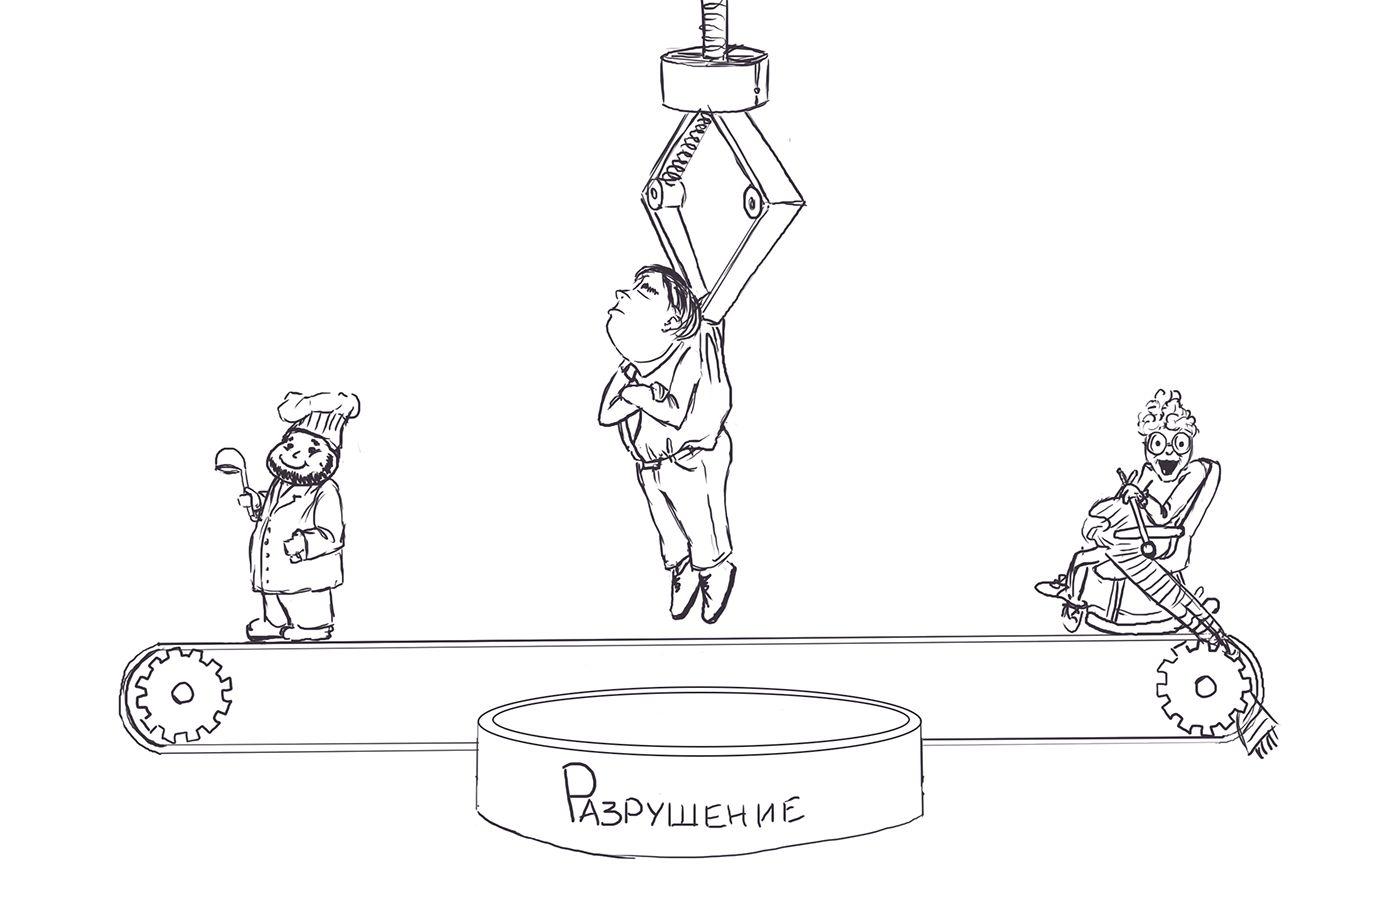 Иллюстрации для научно-хужественной статьи - дизайнер Nastewie